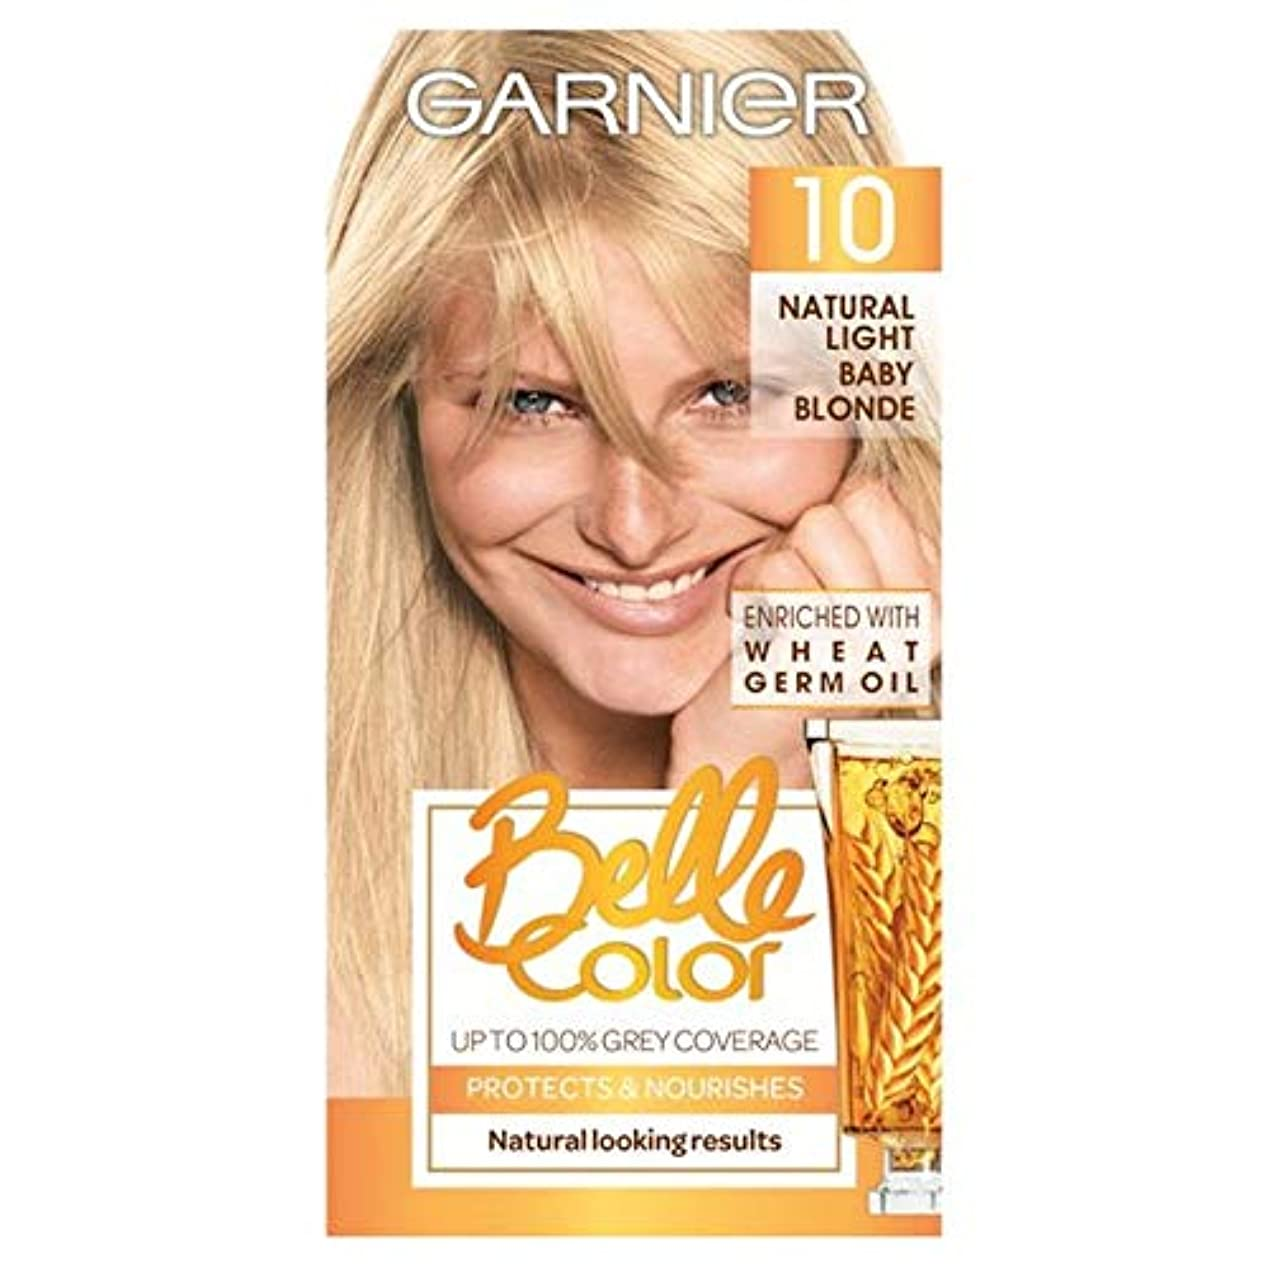 繊毛フットボールネコ[Belle Color ] ガーン/ベル/Clr 10自然光の赤ちゃんブロンドパーマネントヘアダイ - Garn/Bel/Clr 10 Natural Light Baby Blonde Permanent Hair...